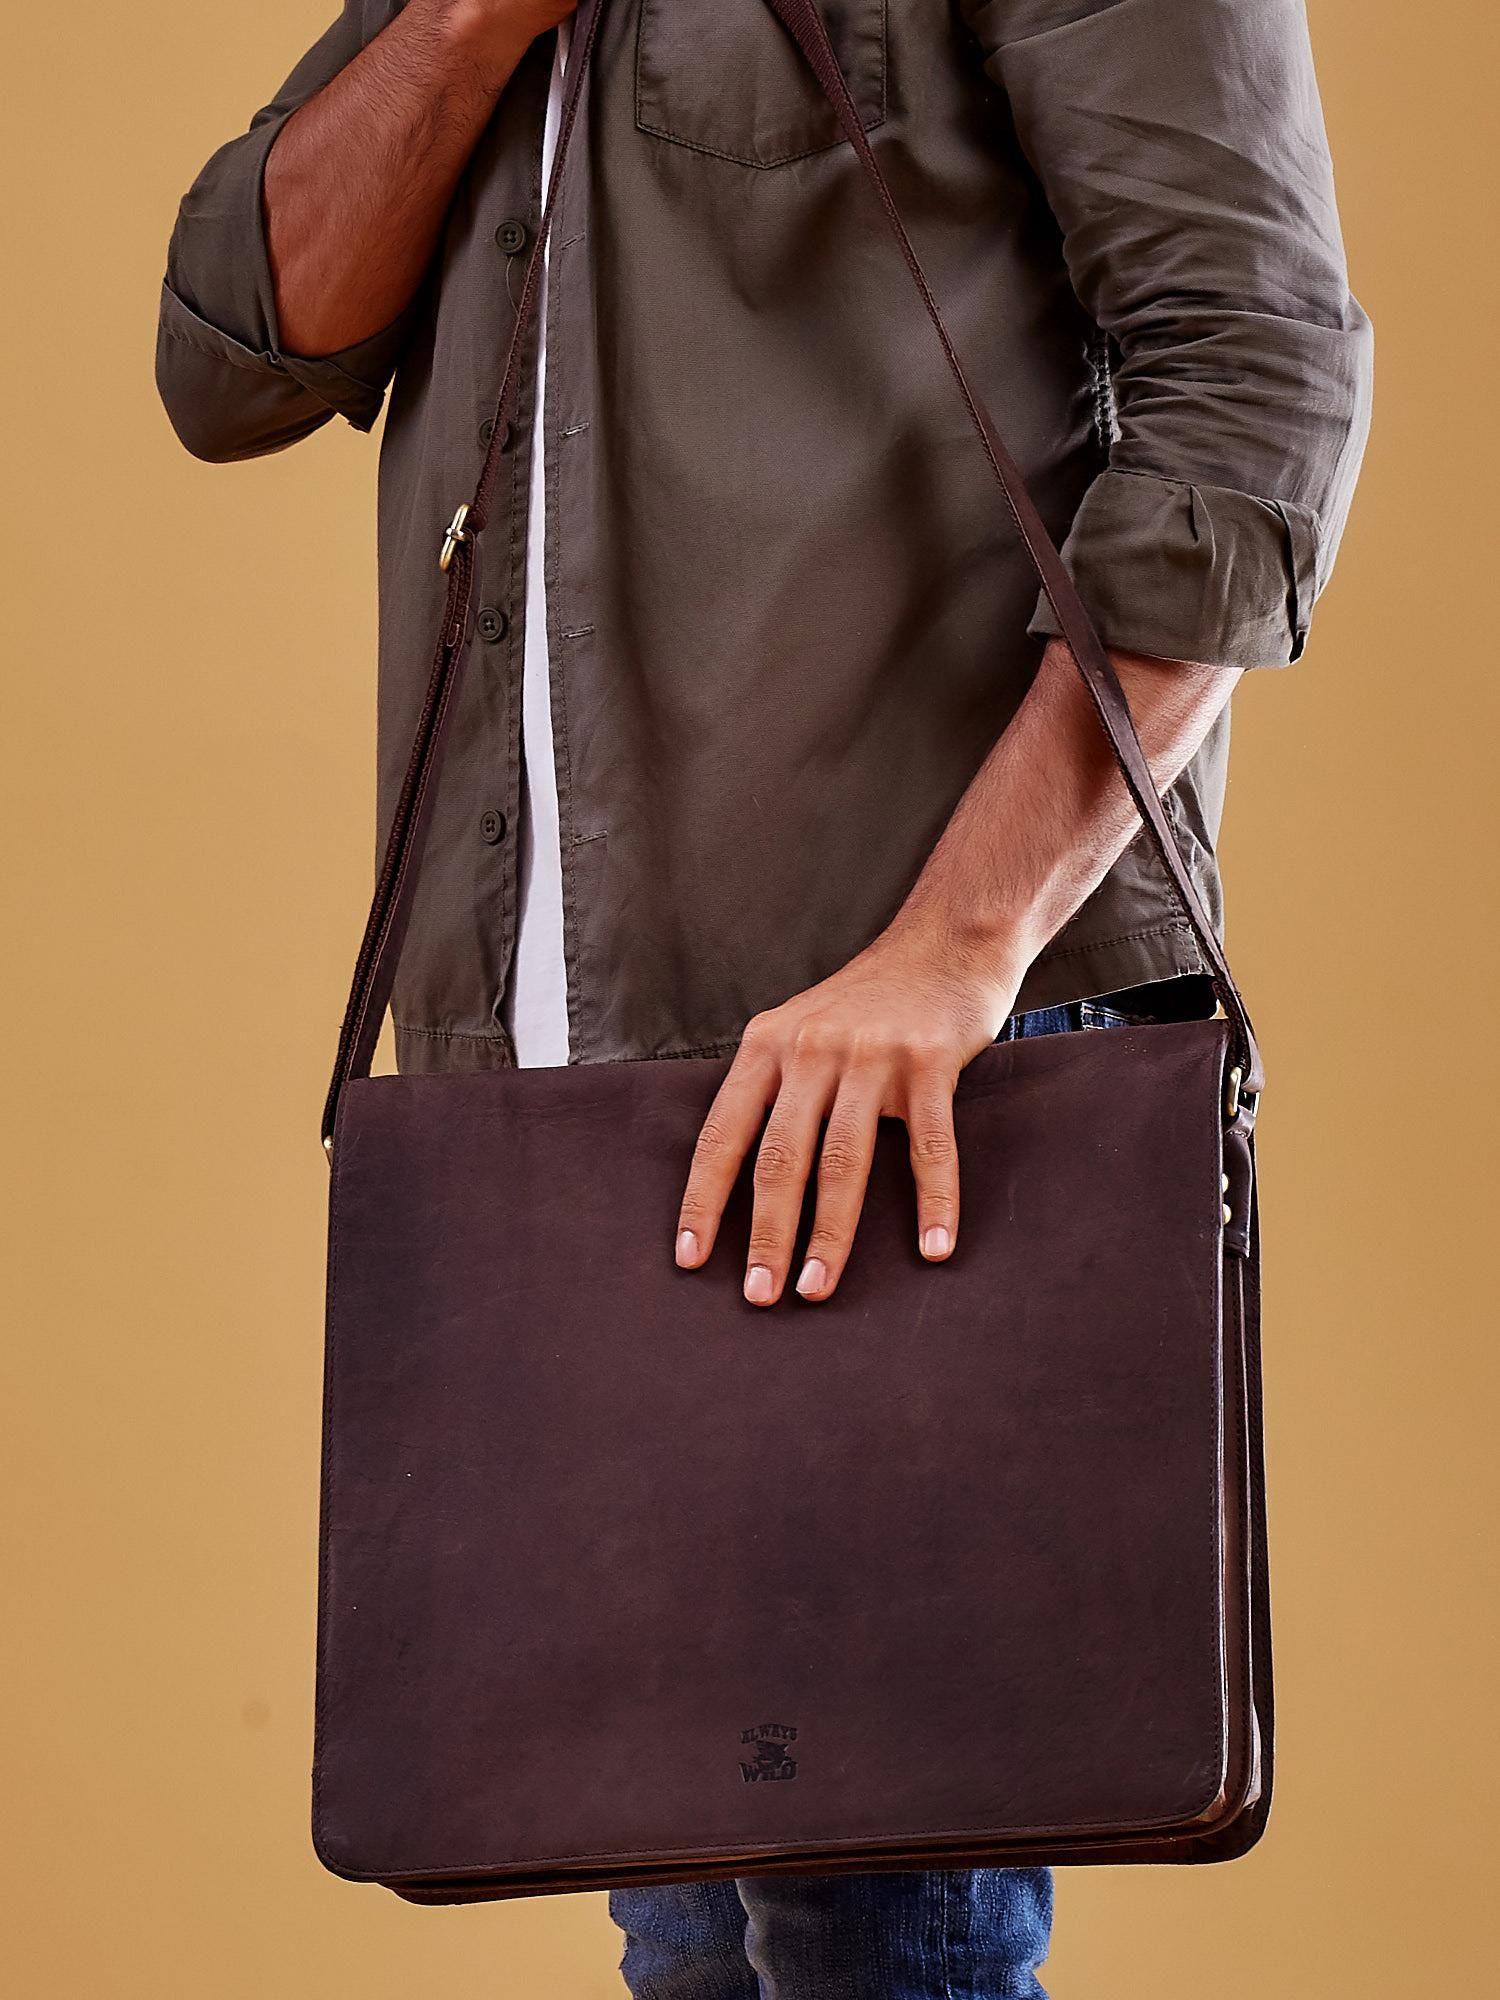 78791d624d583 Ciemnobrązowa torba męska na ramię ze skóry naturalnej - Mężczyźni ...